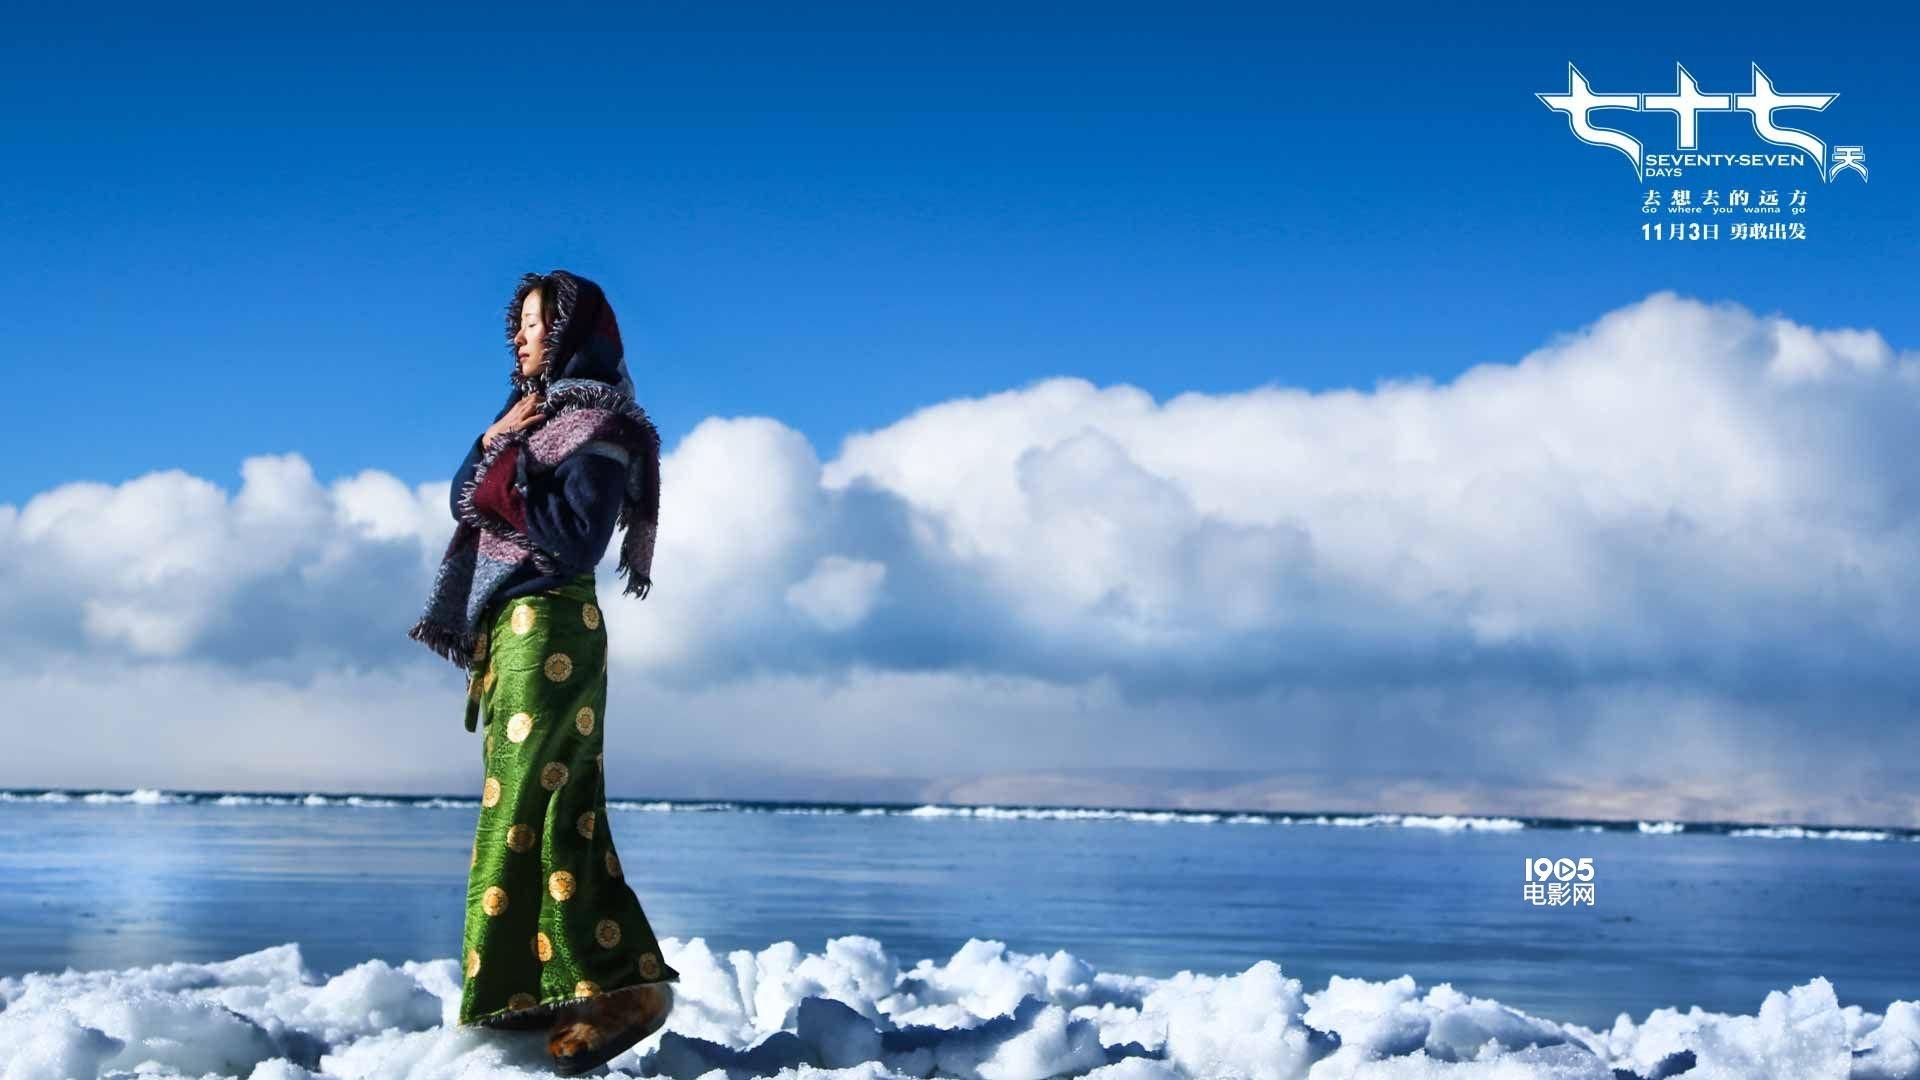 《七十七天》热映 尔冬升盛赞年度最美匠心影片